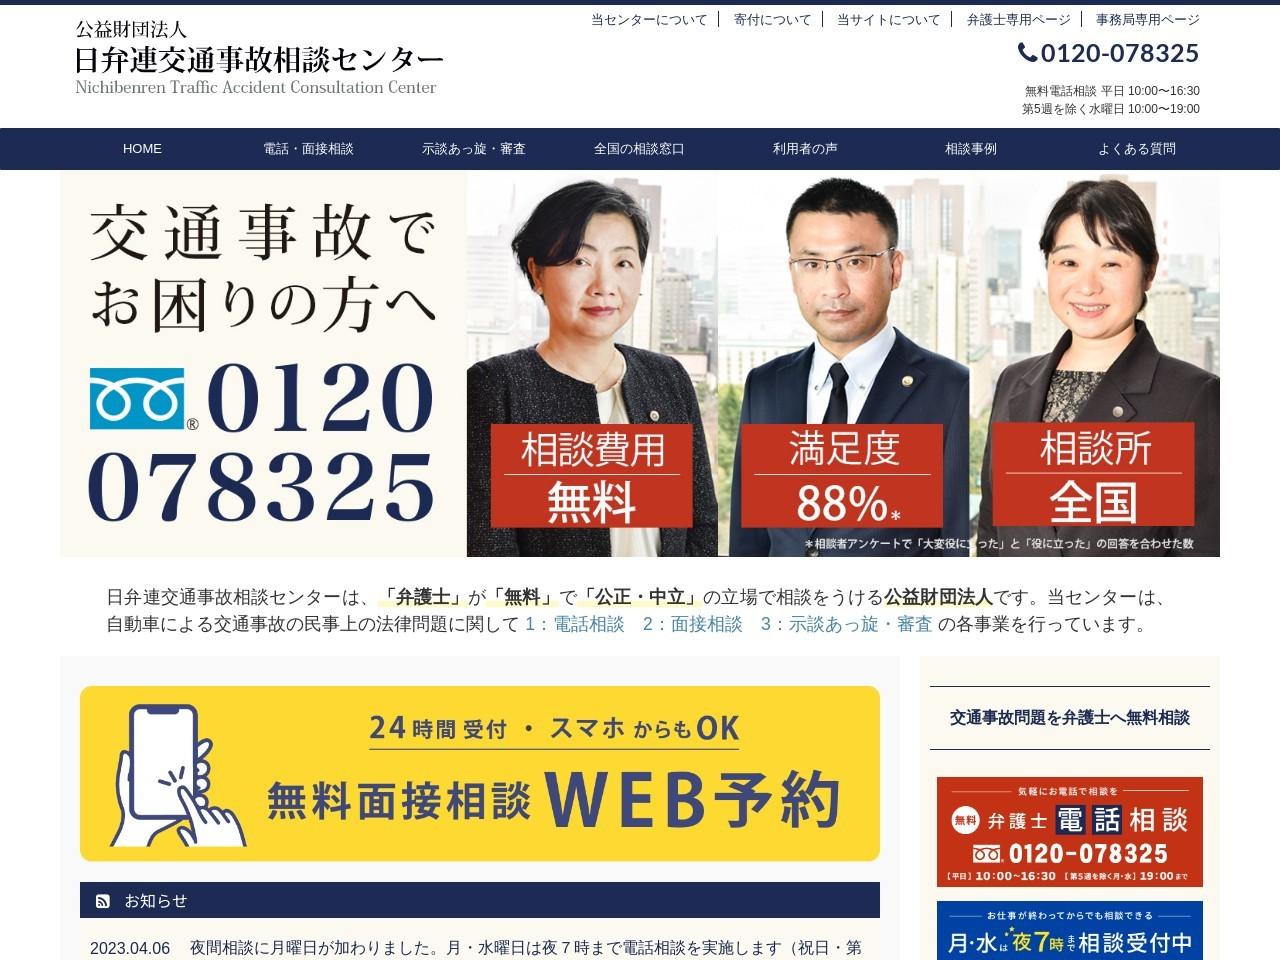 日弁連交通事故相談センター岐阜県支部